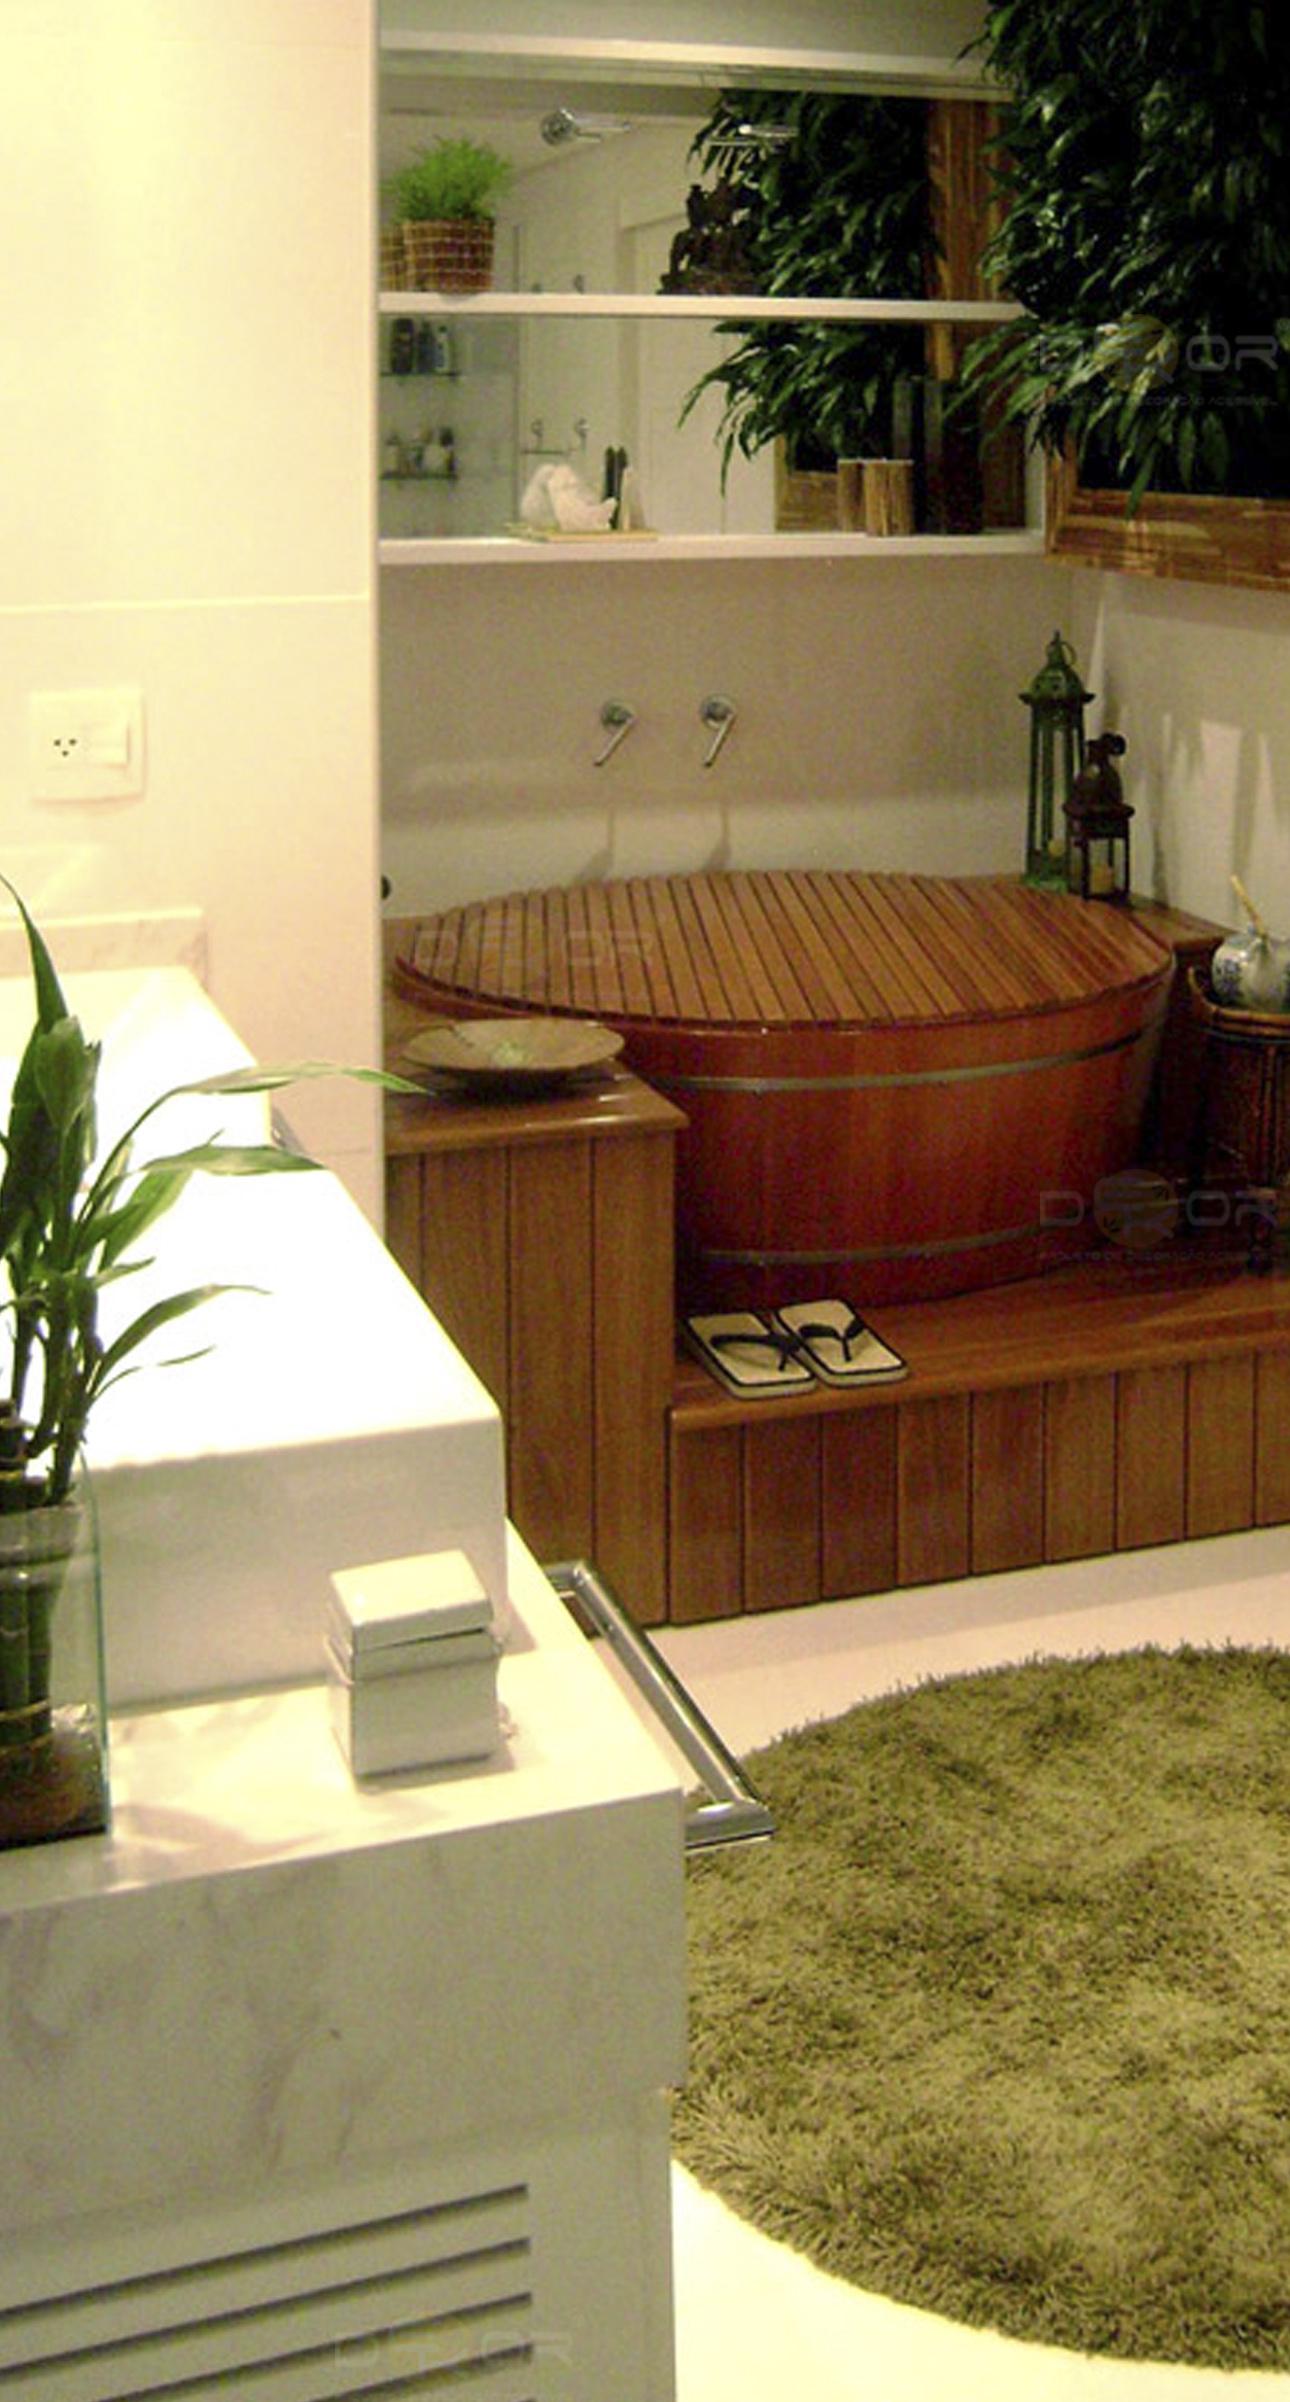 Projeto de Banheiro – Decoração Online #31 Estúdio Dekor  #BDA10E 1290 2402